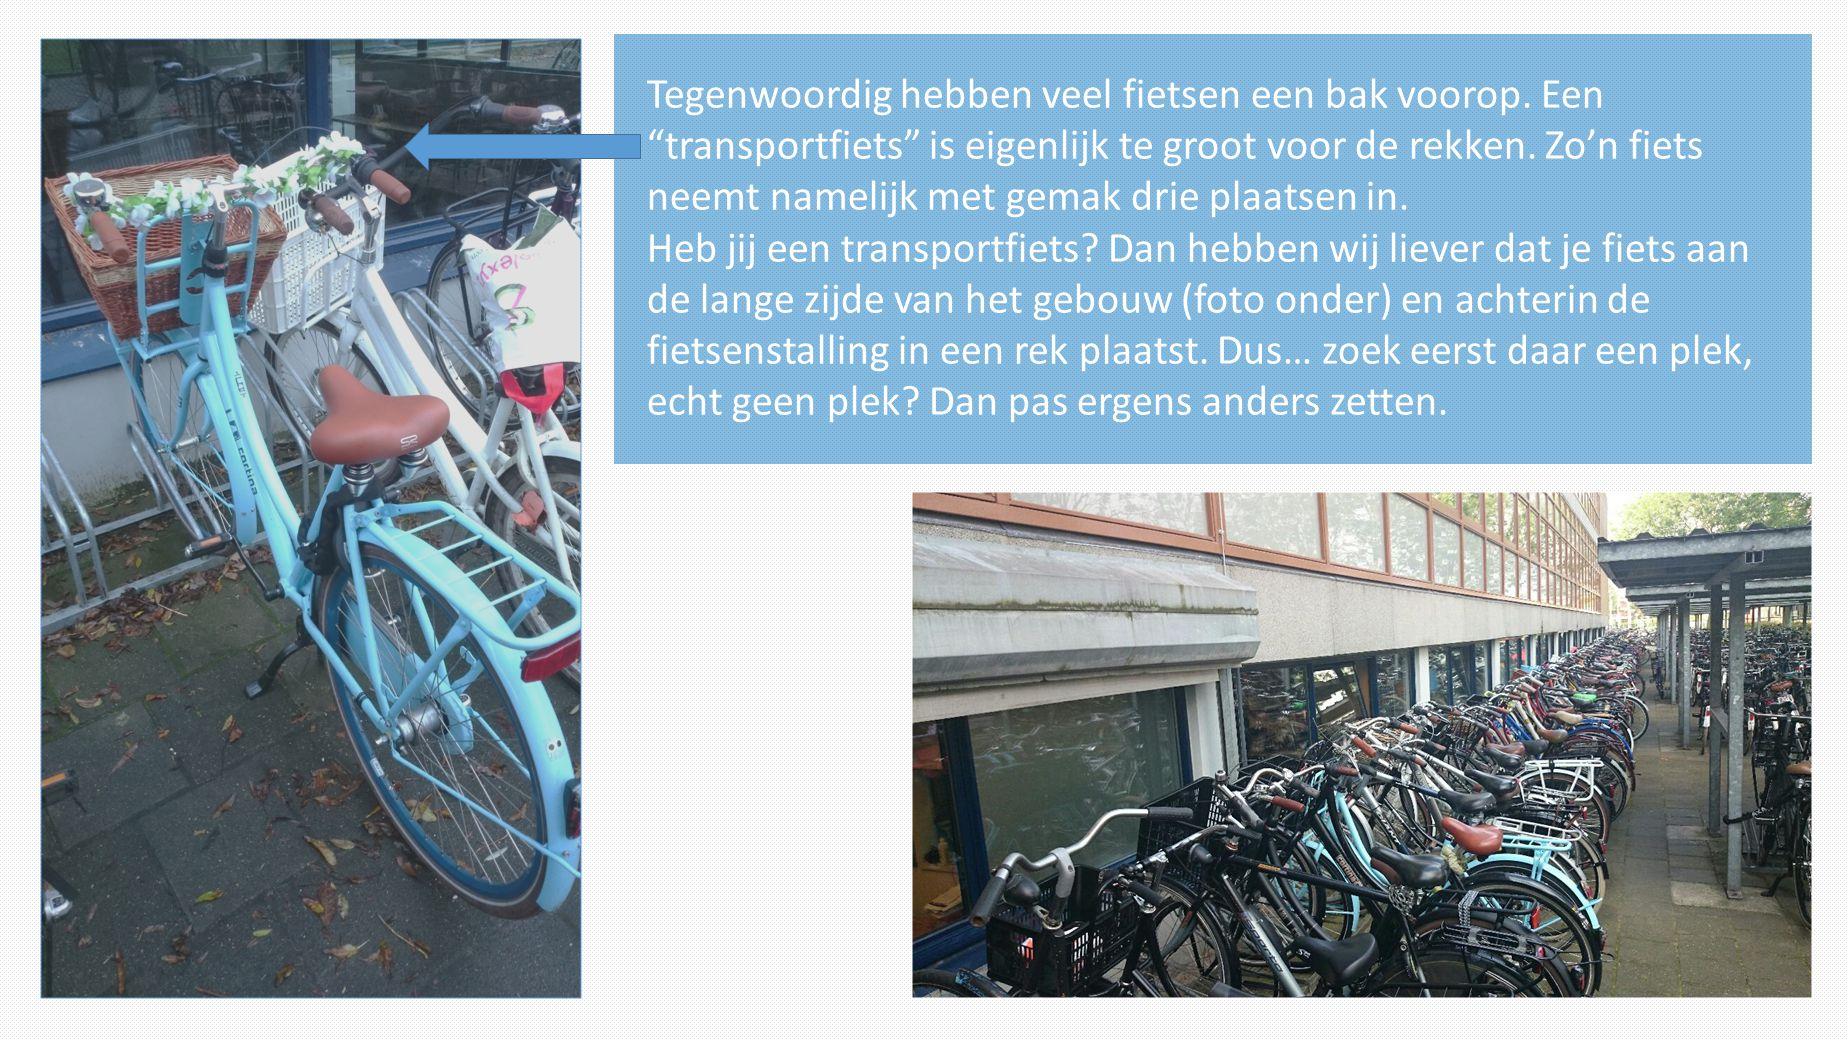 Tegenwoordig hebben veel fietsen een bak voorop